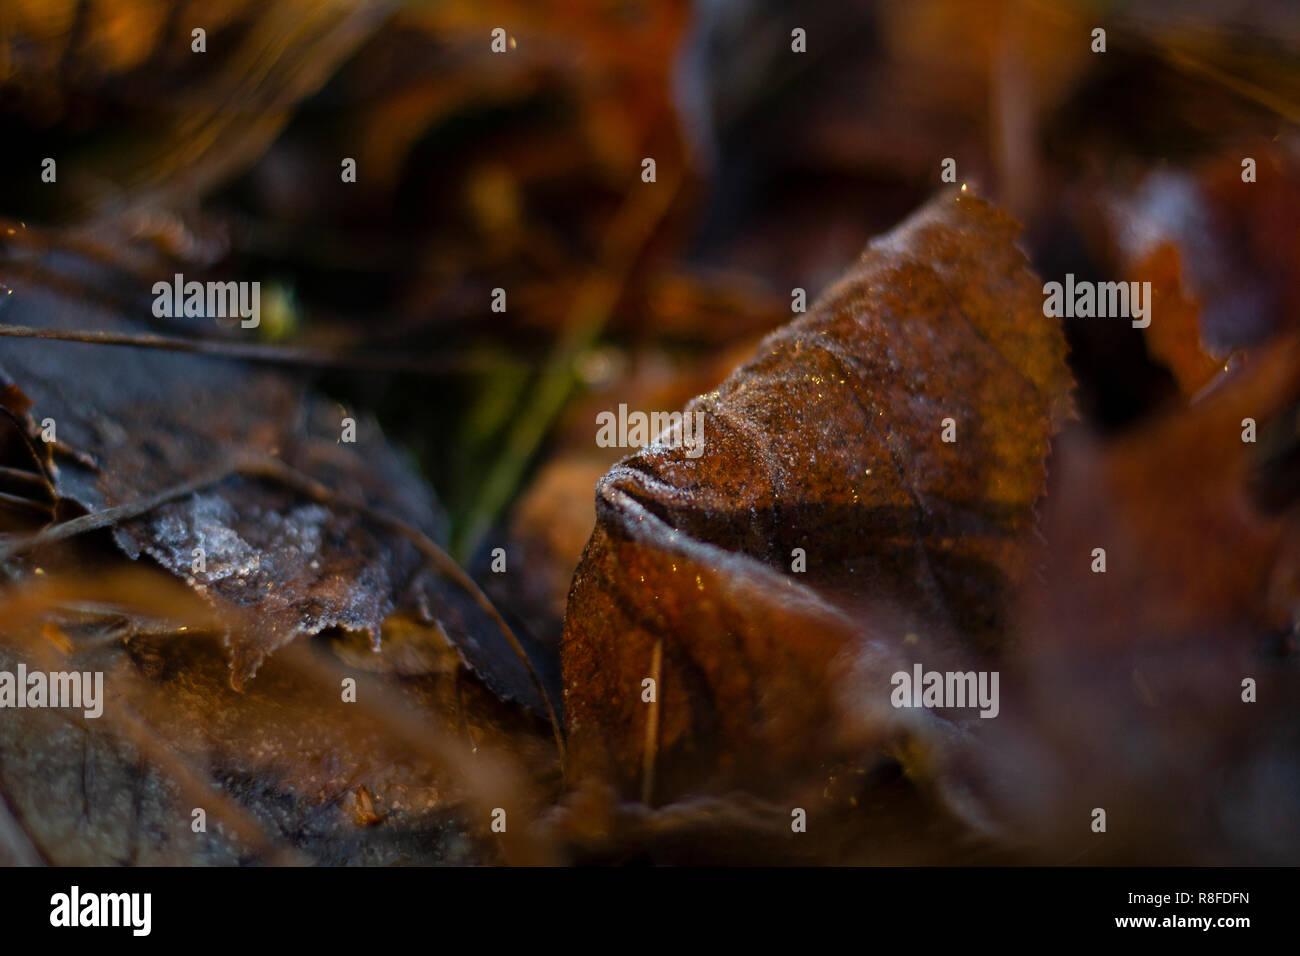 Frosty foglia sul terreno di una foresta, tutto oltre a foglia è sfocata. Foto Stock